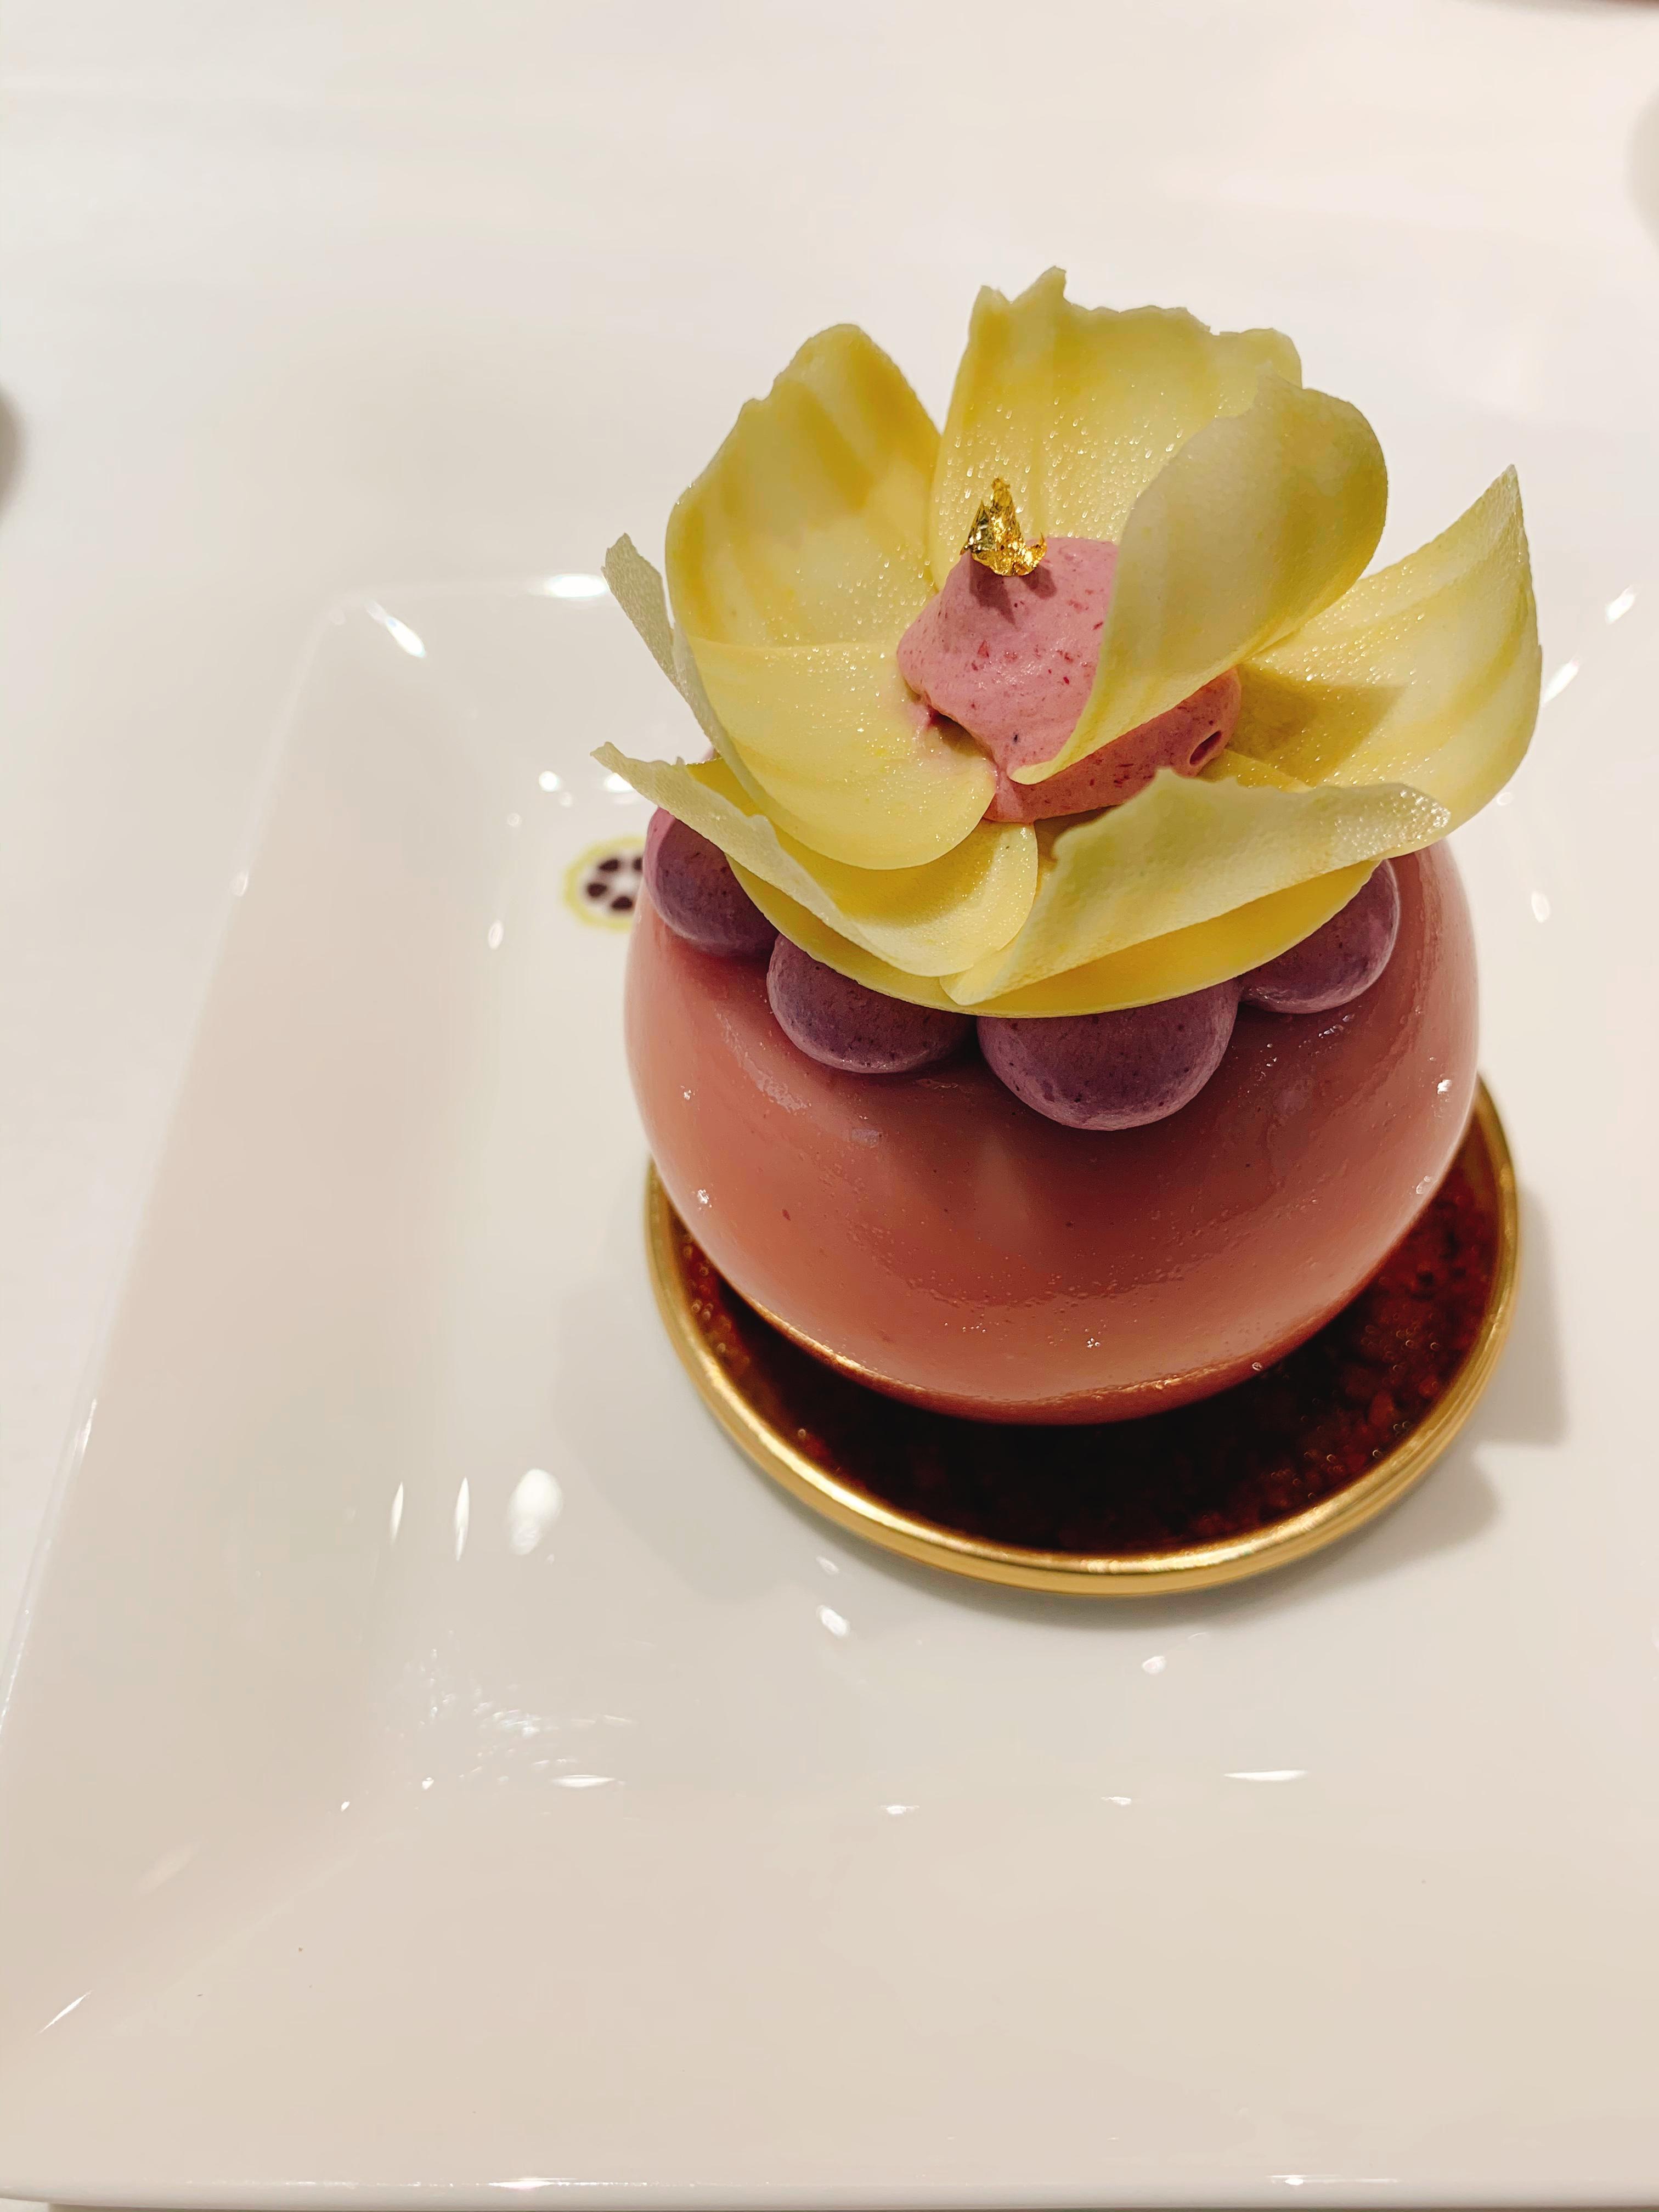 【おすすめカフェ】有名ショコラティエの《花ひらくケーキ》が美しく美味しすぎる♡_5